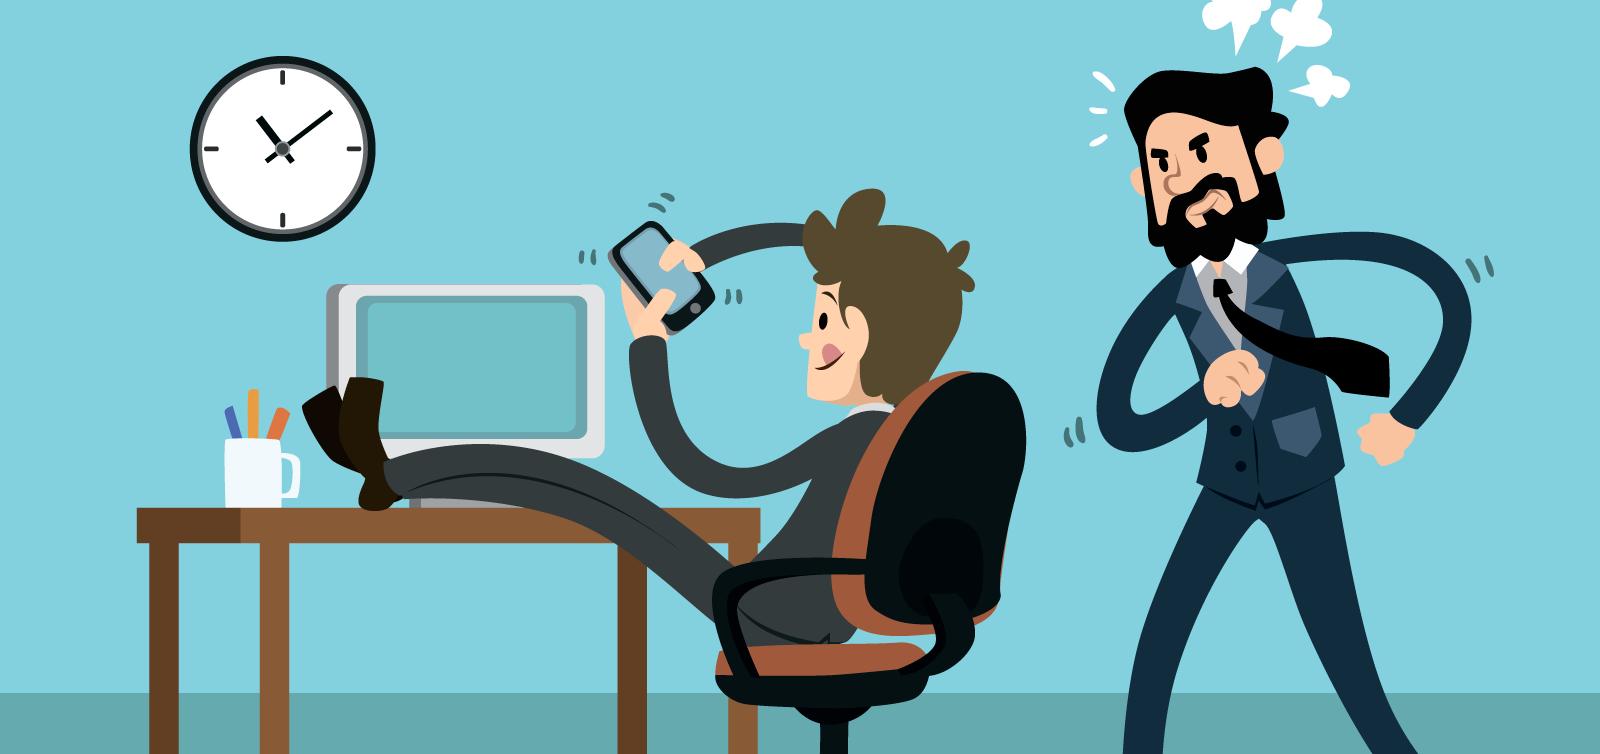 Как помочь сотруднику адаптироваться в компании - 1